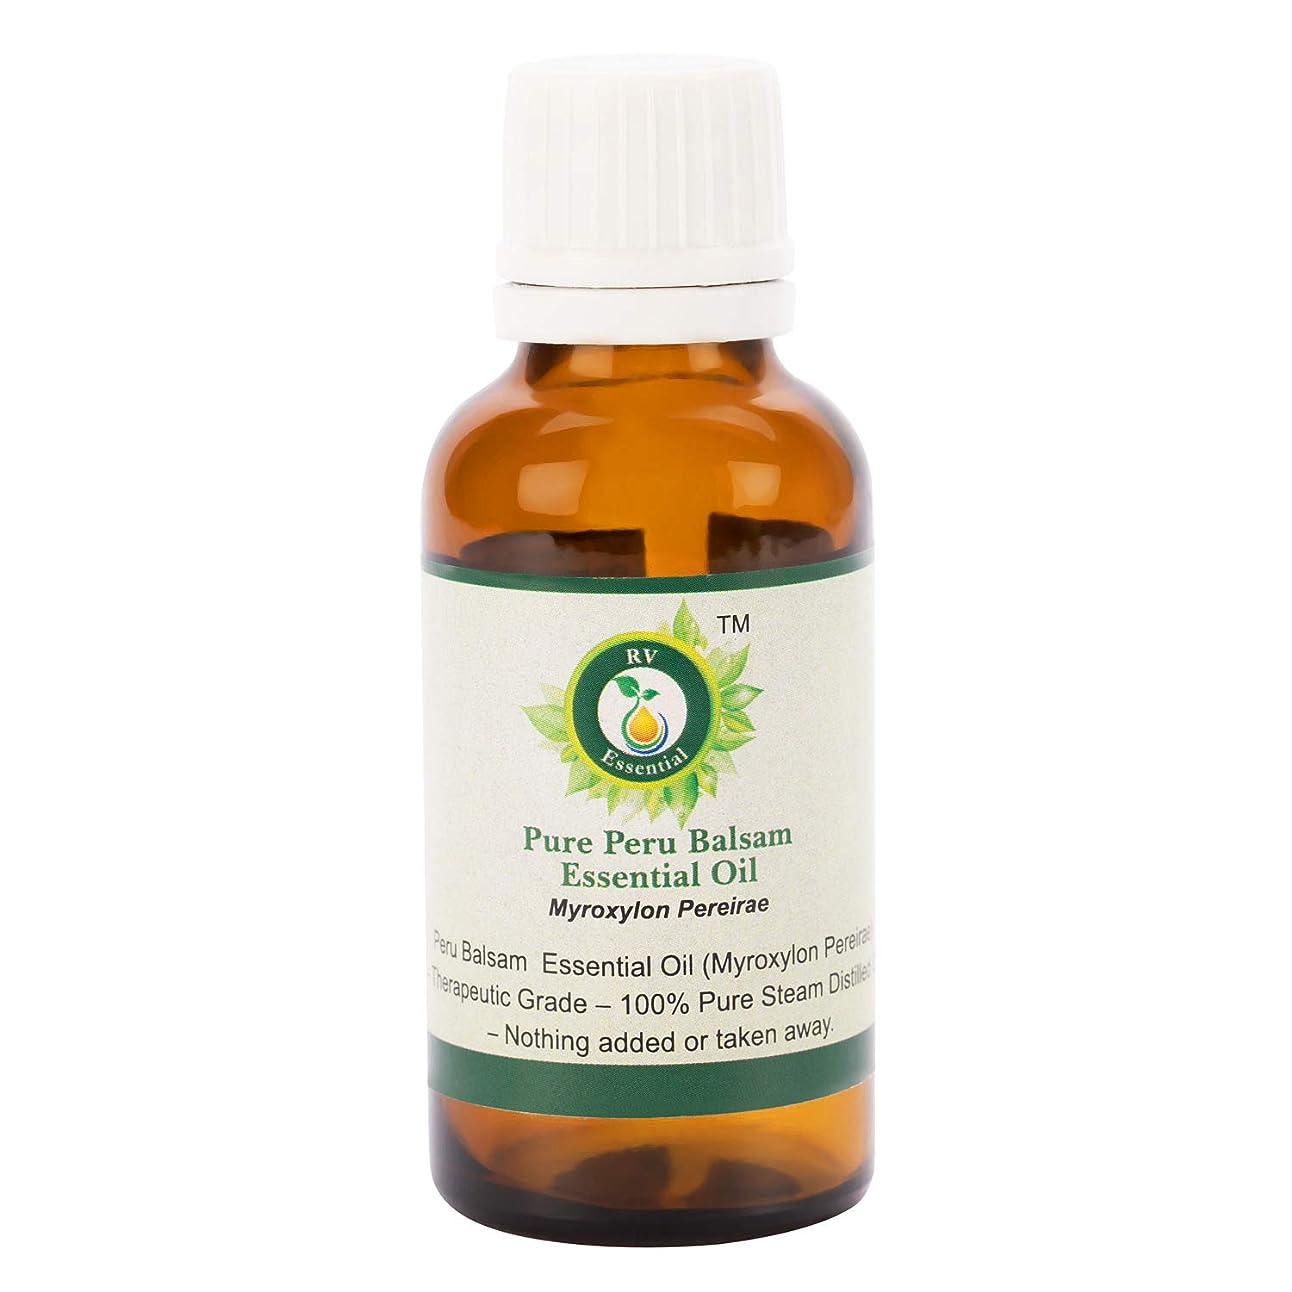 最悪うめき硫黄ピュアペルーバルサム?エッセンシャルオイル300ml (10oz)- Myroxylon Pereirae (100%純粋&天然スチームDistilled) Pure Peru Balsam Essential Oil